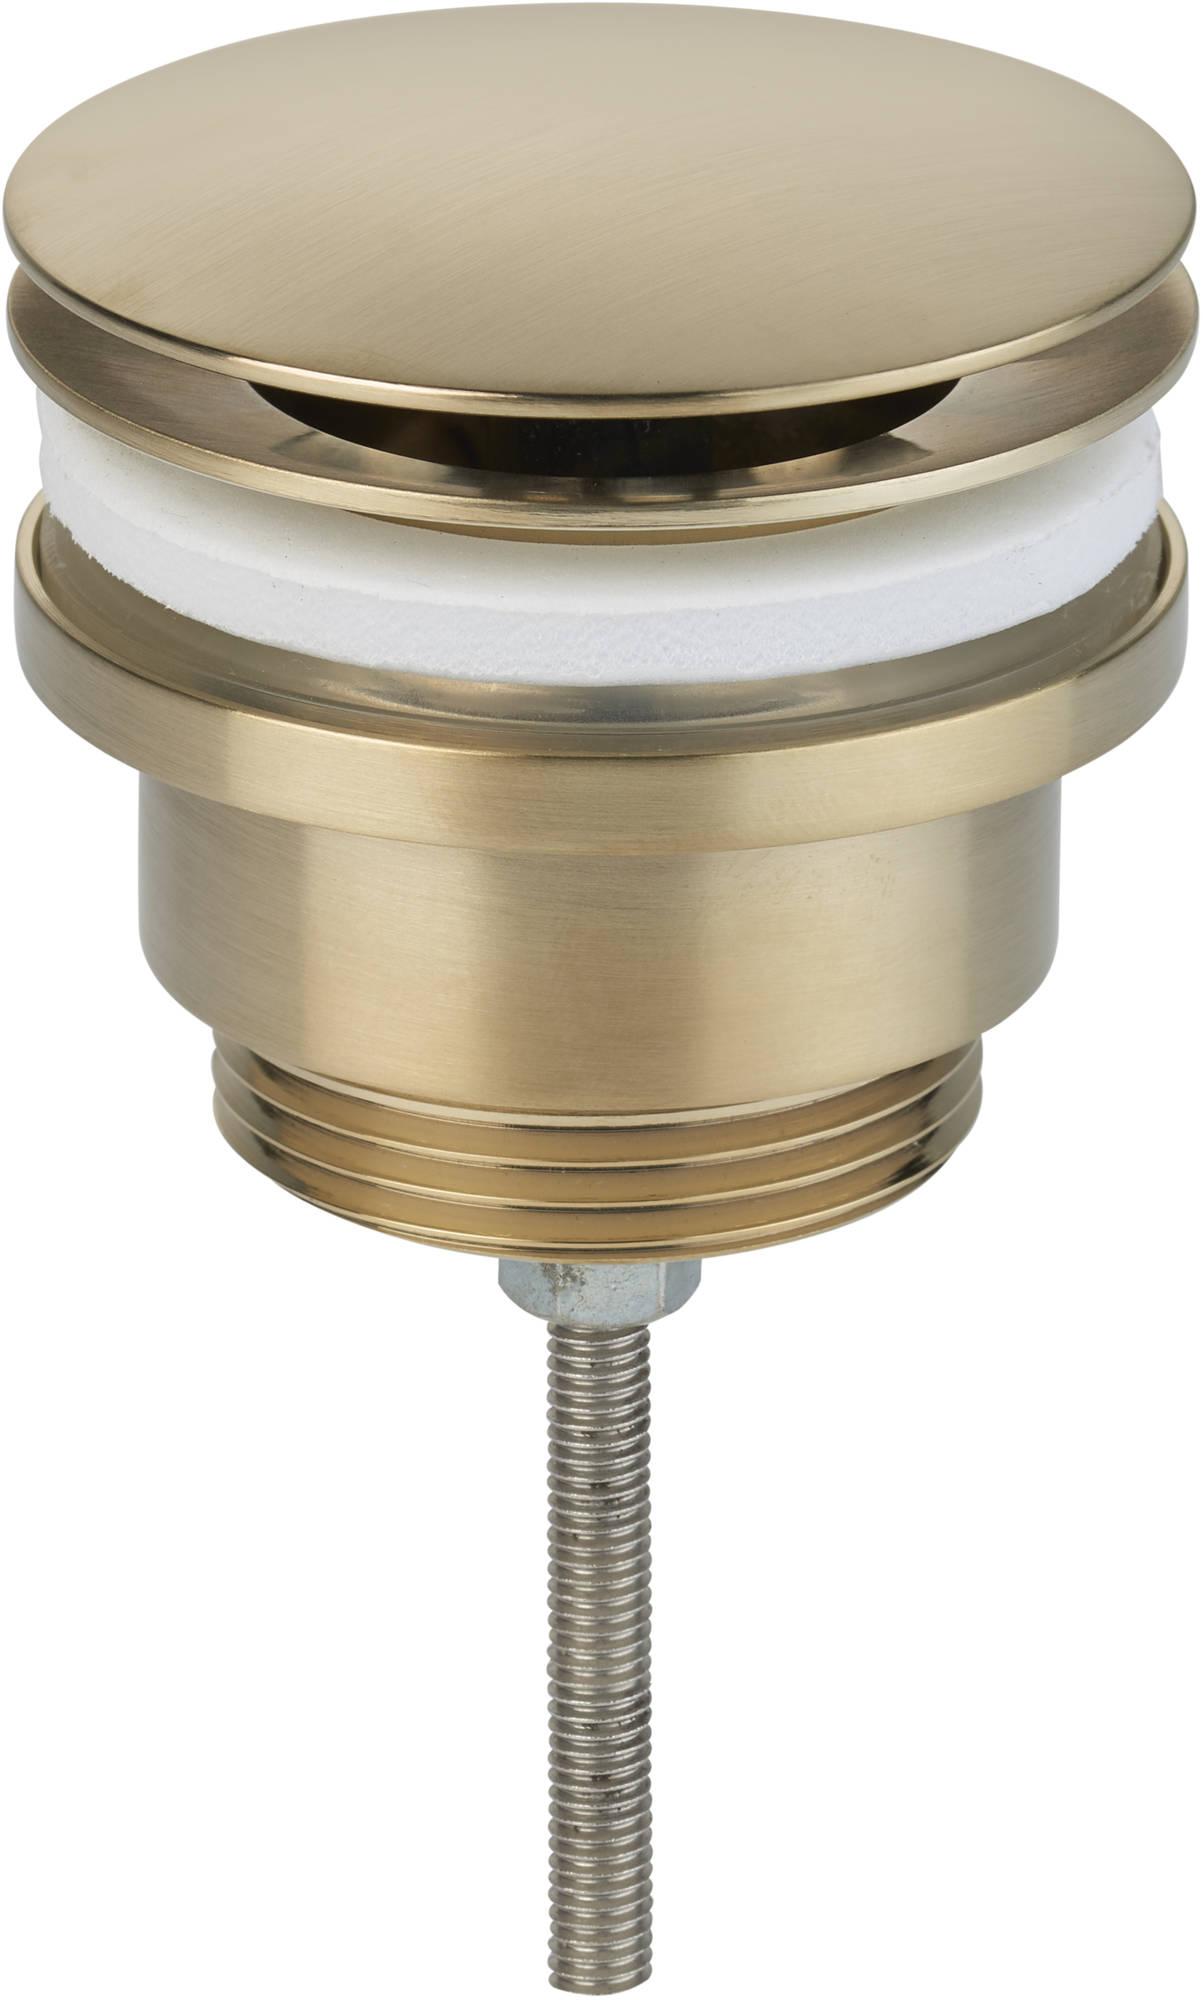 Ben Fixed Wastafelplug altijd open 5/4 inch Geborsteld Messing